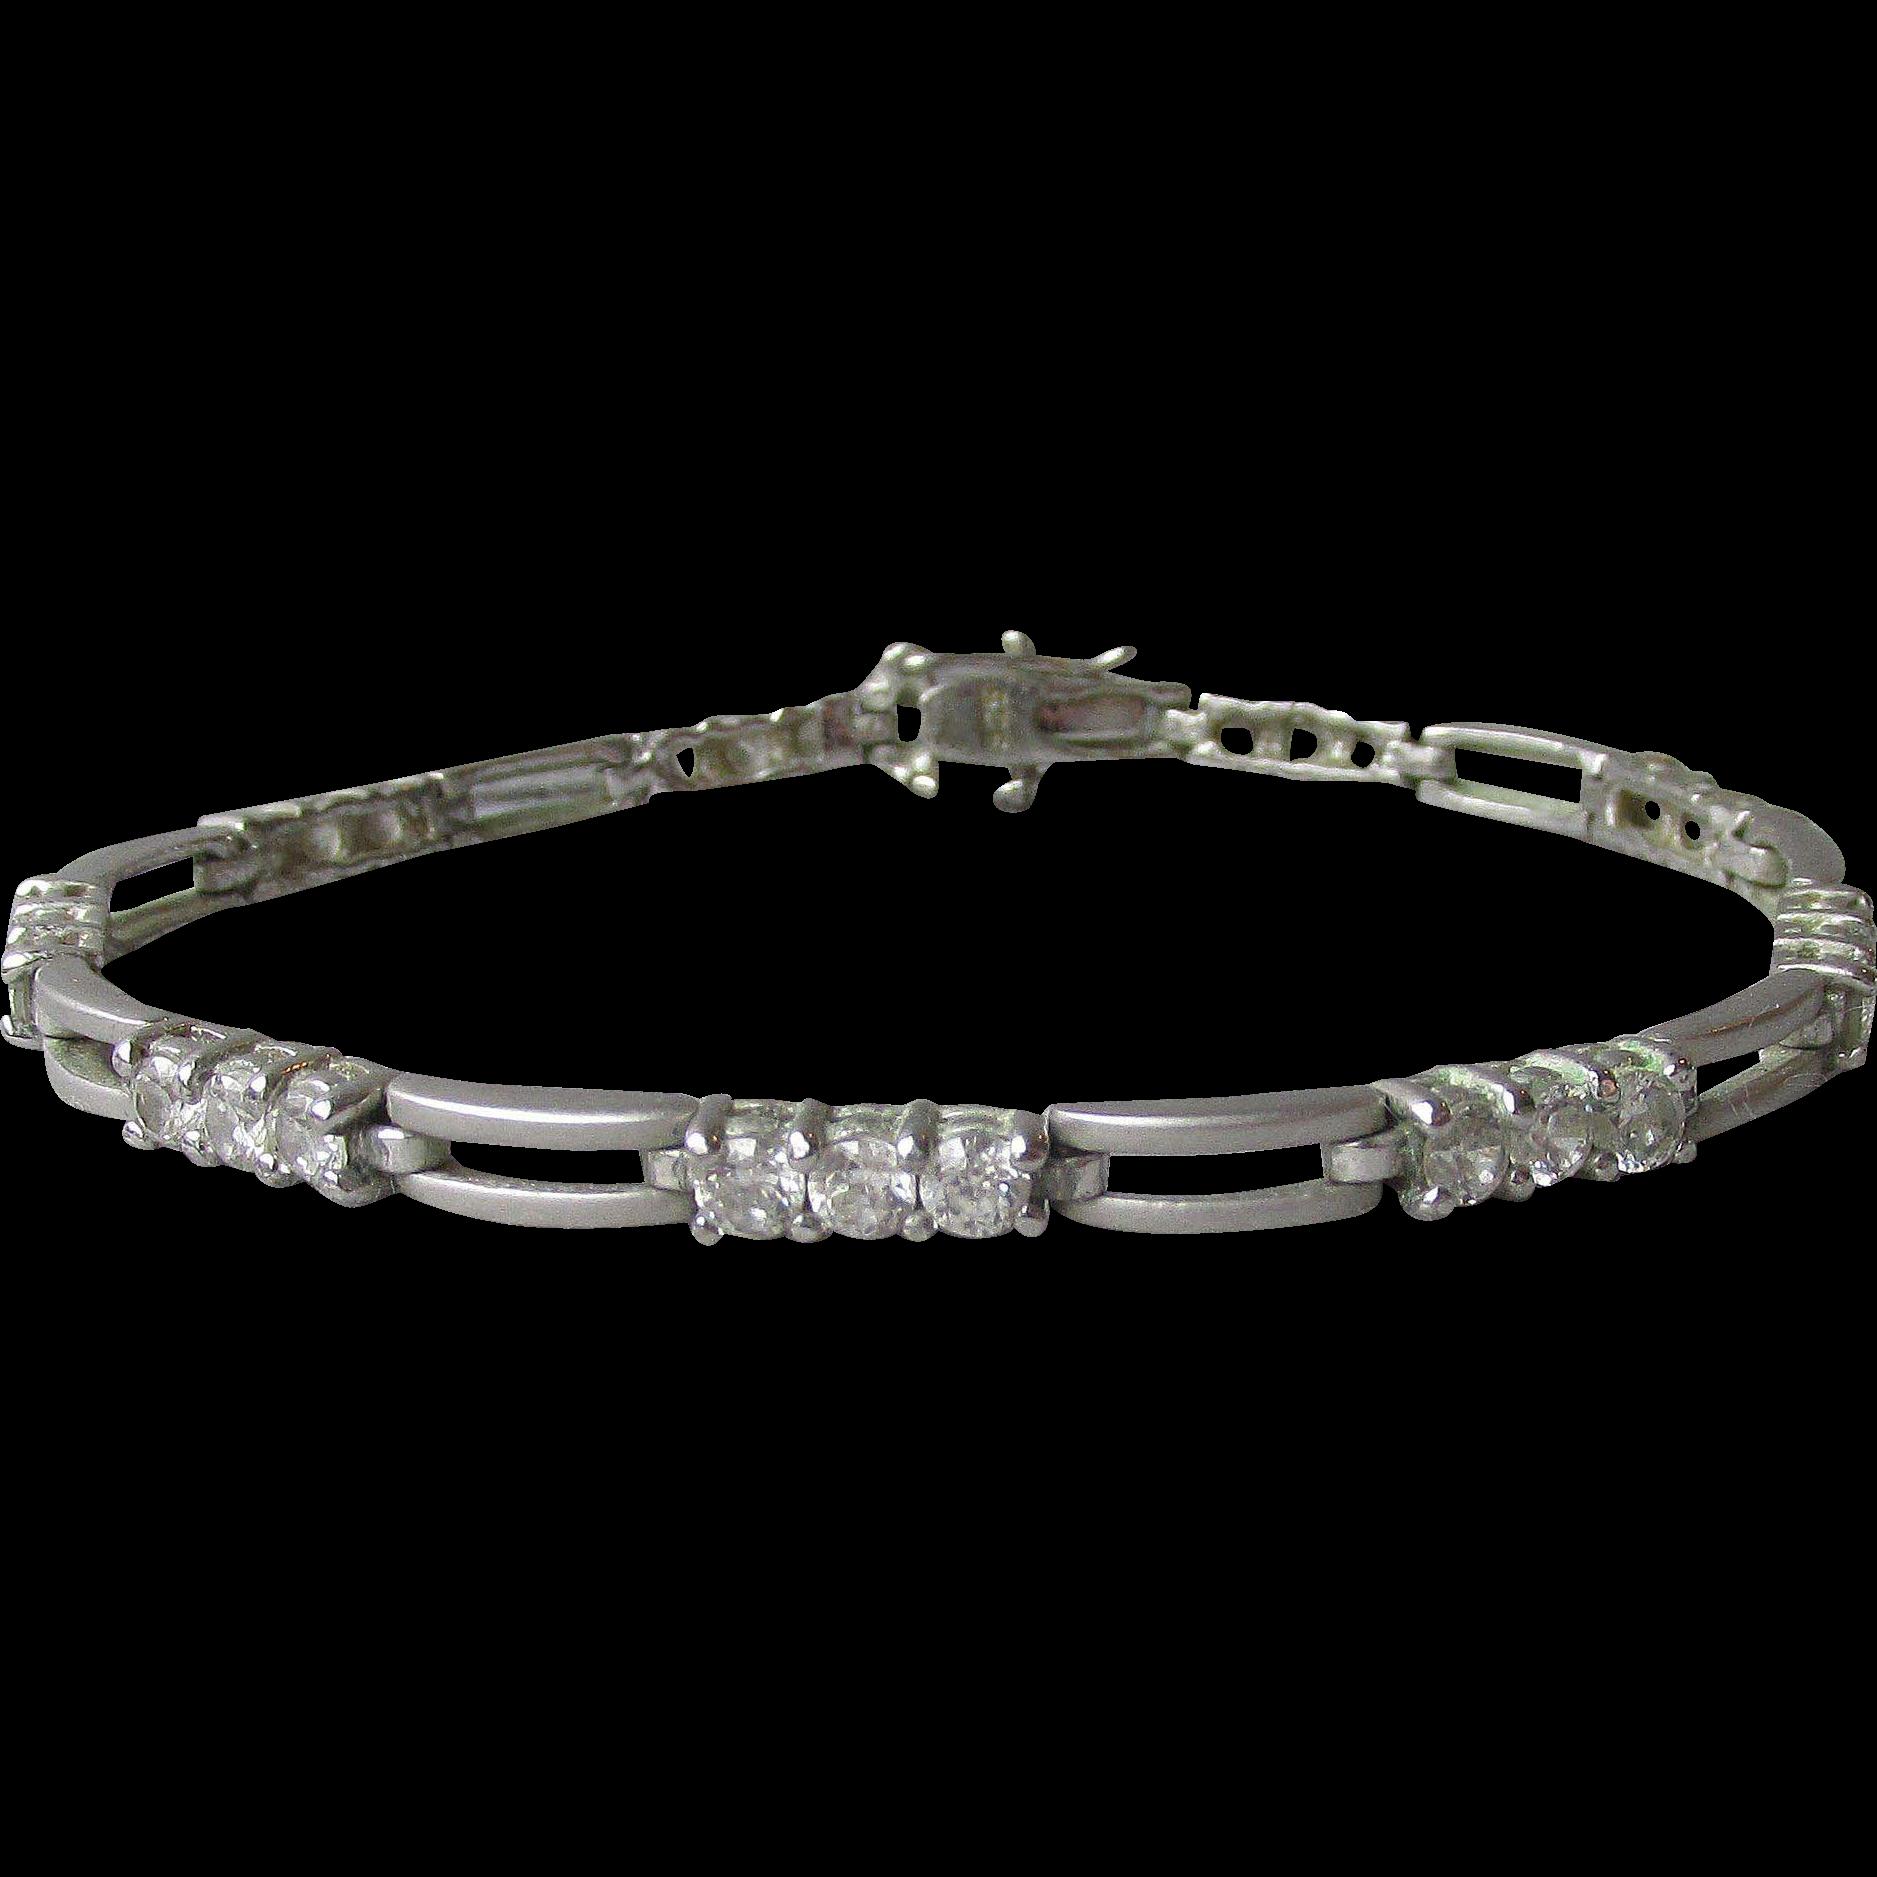 Matte Textured Sterling Silver Open Work Link CZ 1980's Vintage Tennis Bracelet